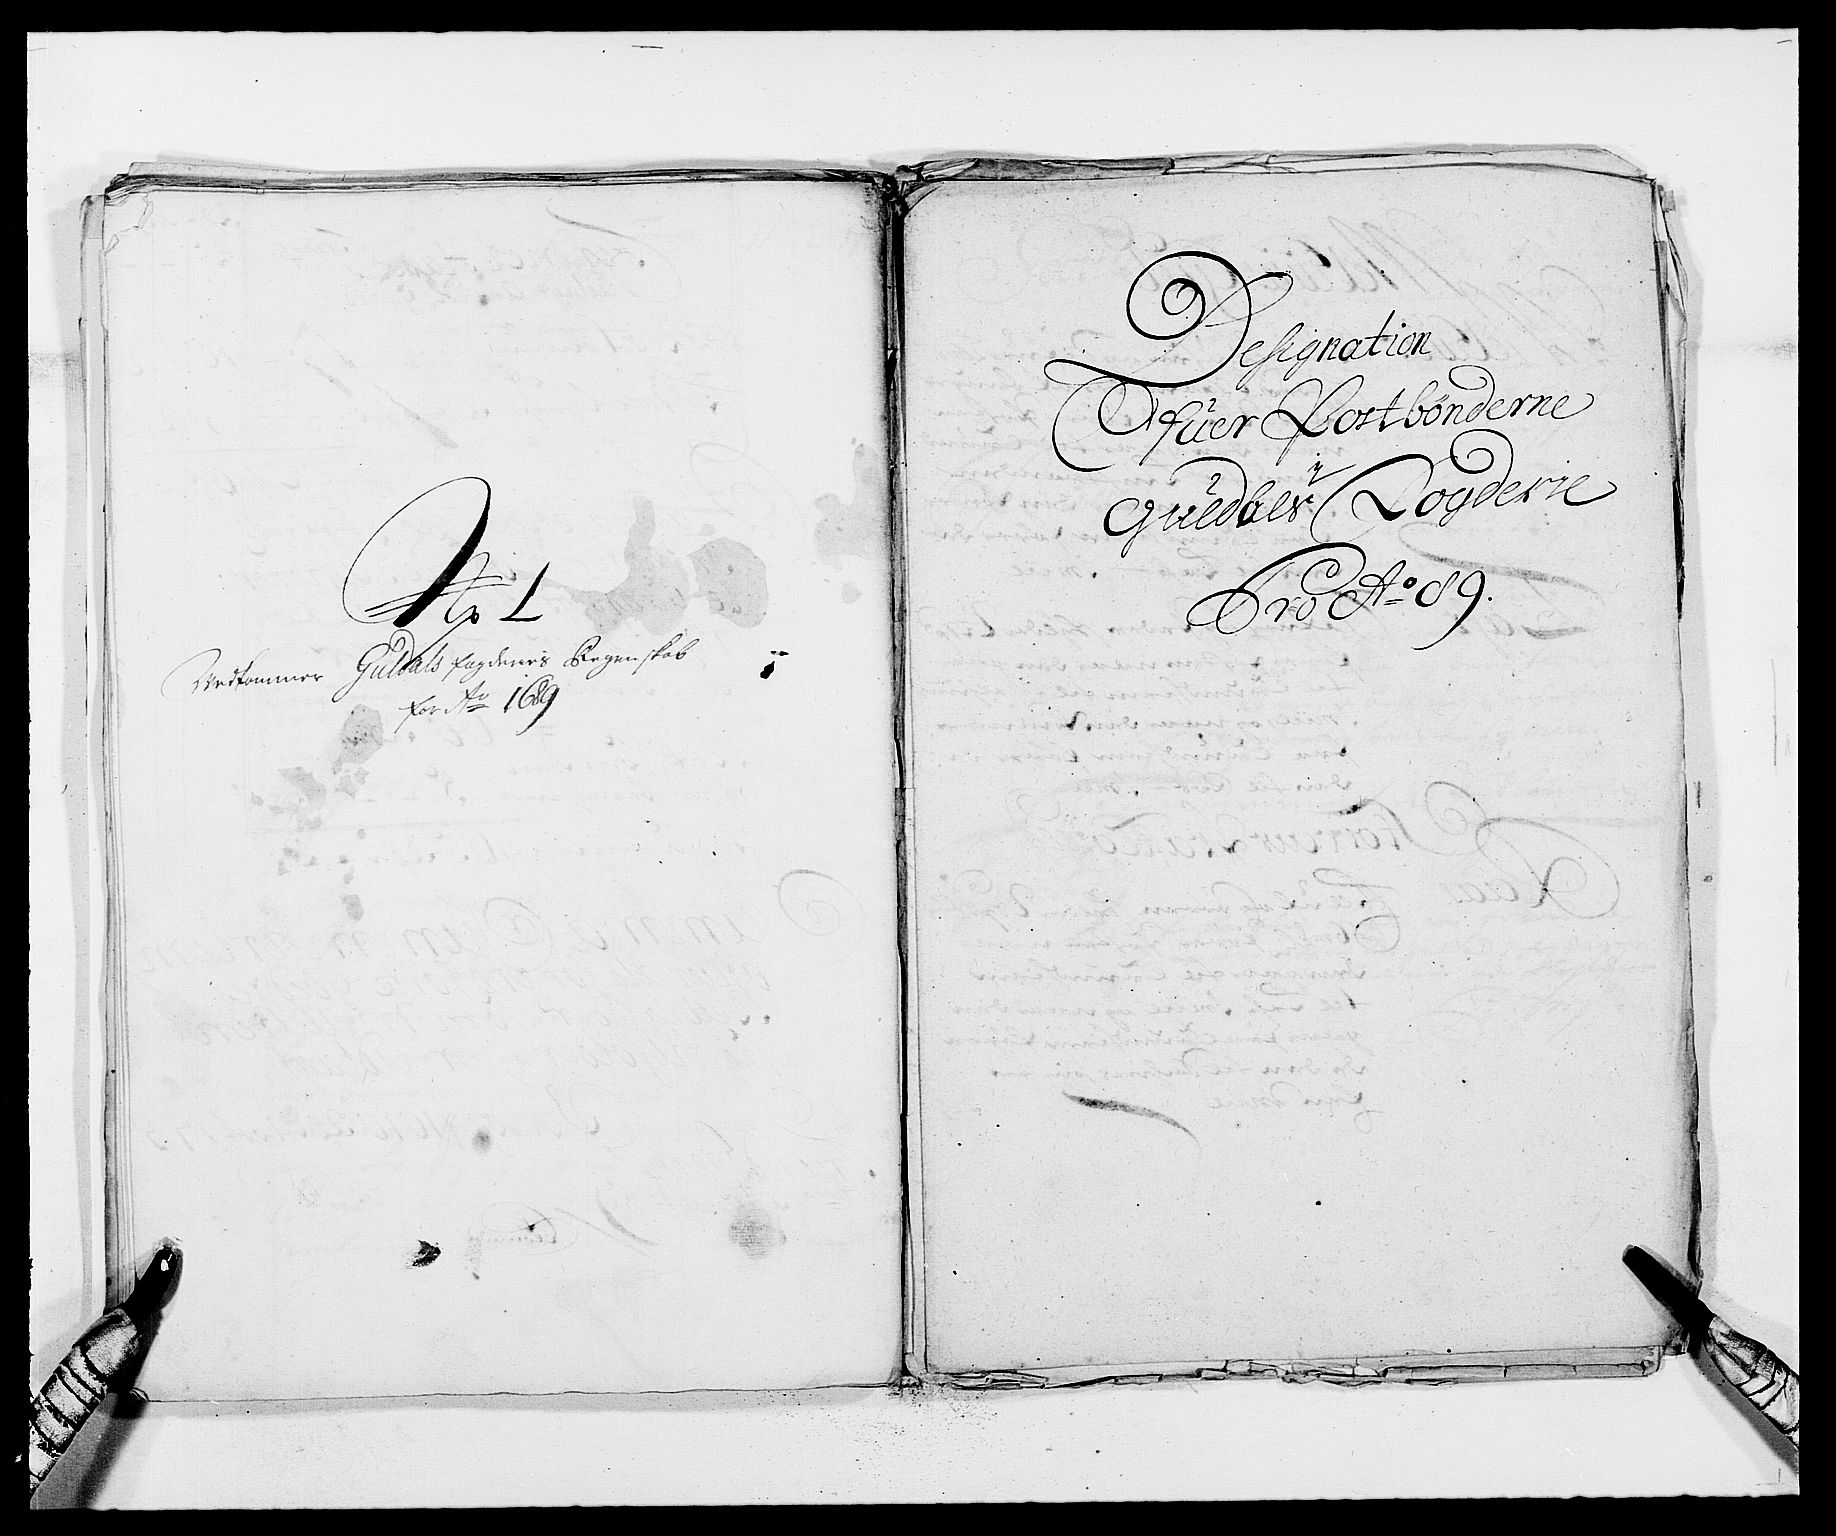 RA, Rentekammeret inntil 1814, Reviderte regnskaper, Fogderegnskap, R59/L3940: Fogderegnskap Gauldal, 1689-1690, s. 167